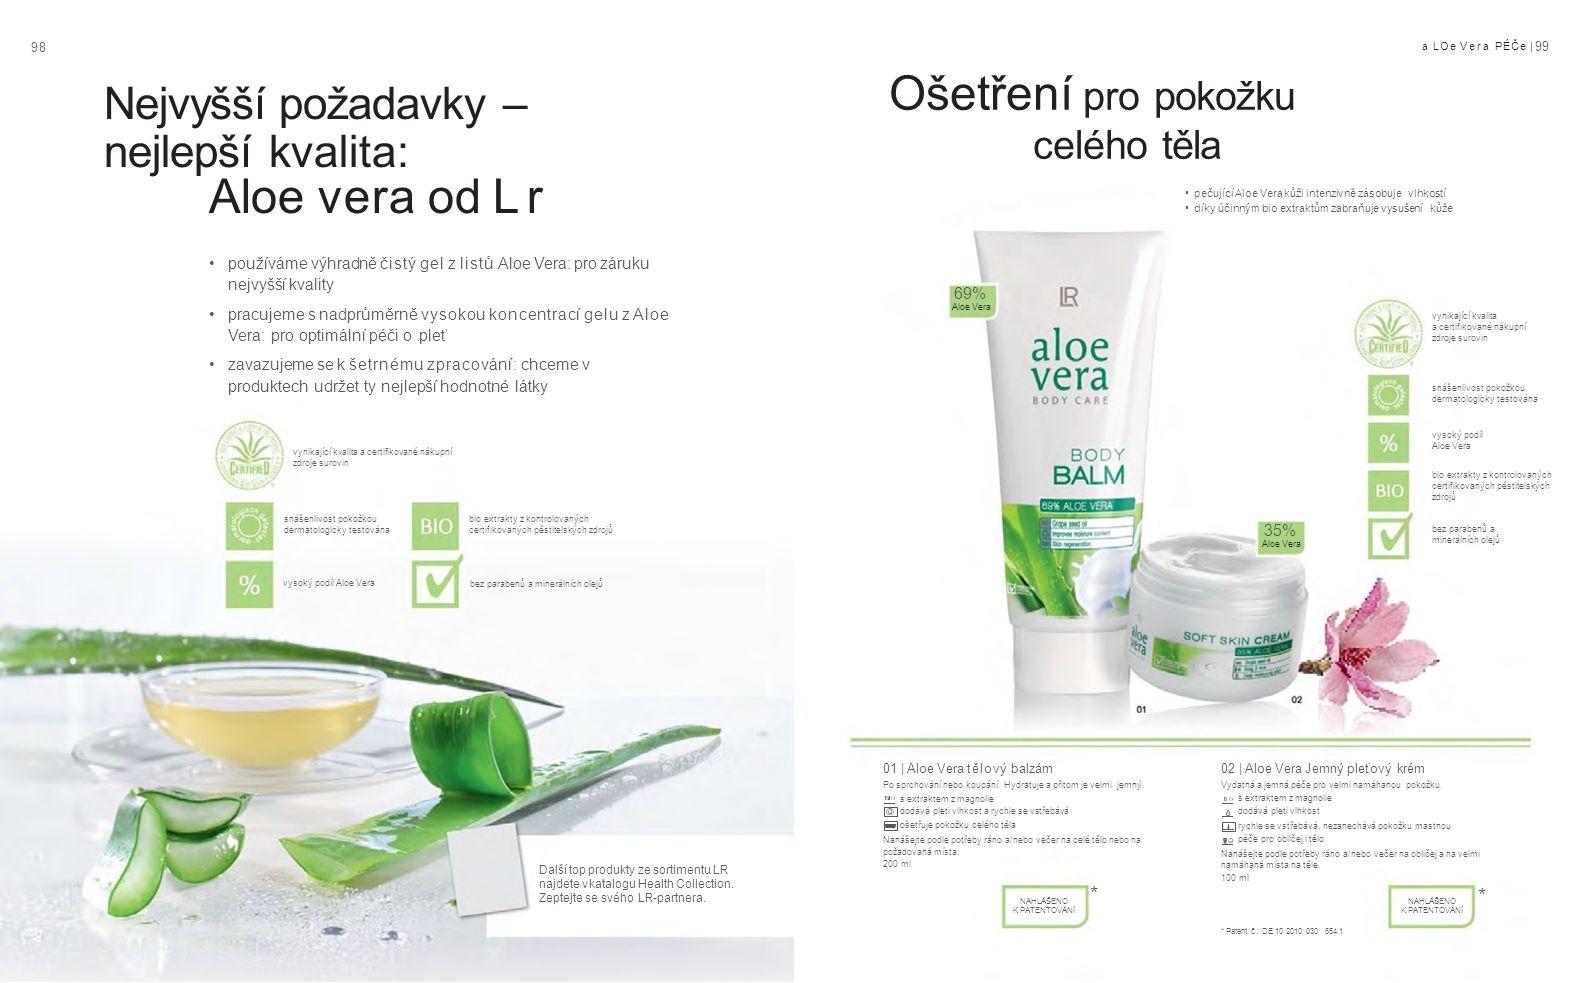 9898 a LOe Vera PÉČe | 99 01 | Aloe Vera tělový balzám Po sprchování nebo koupání.